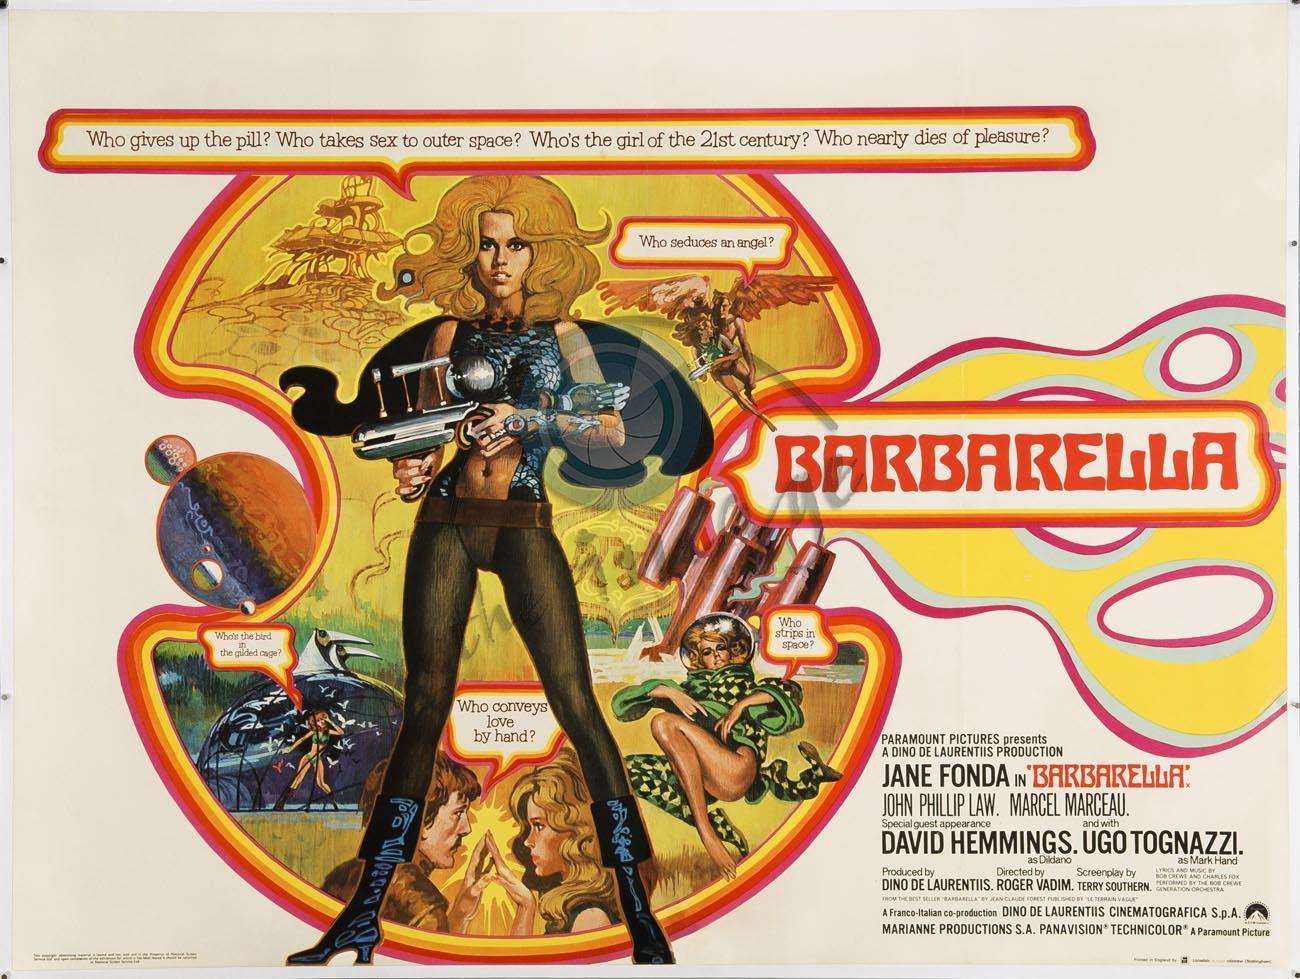 barbarella_ukquad